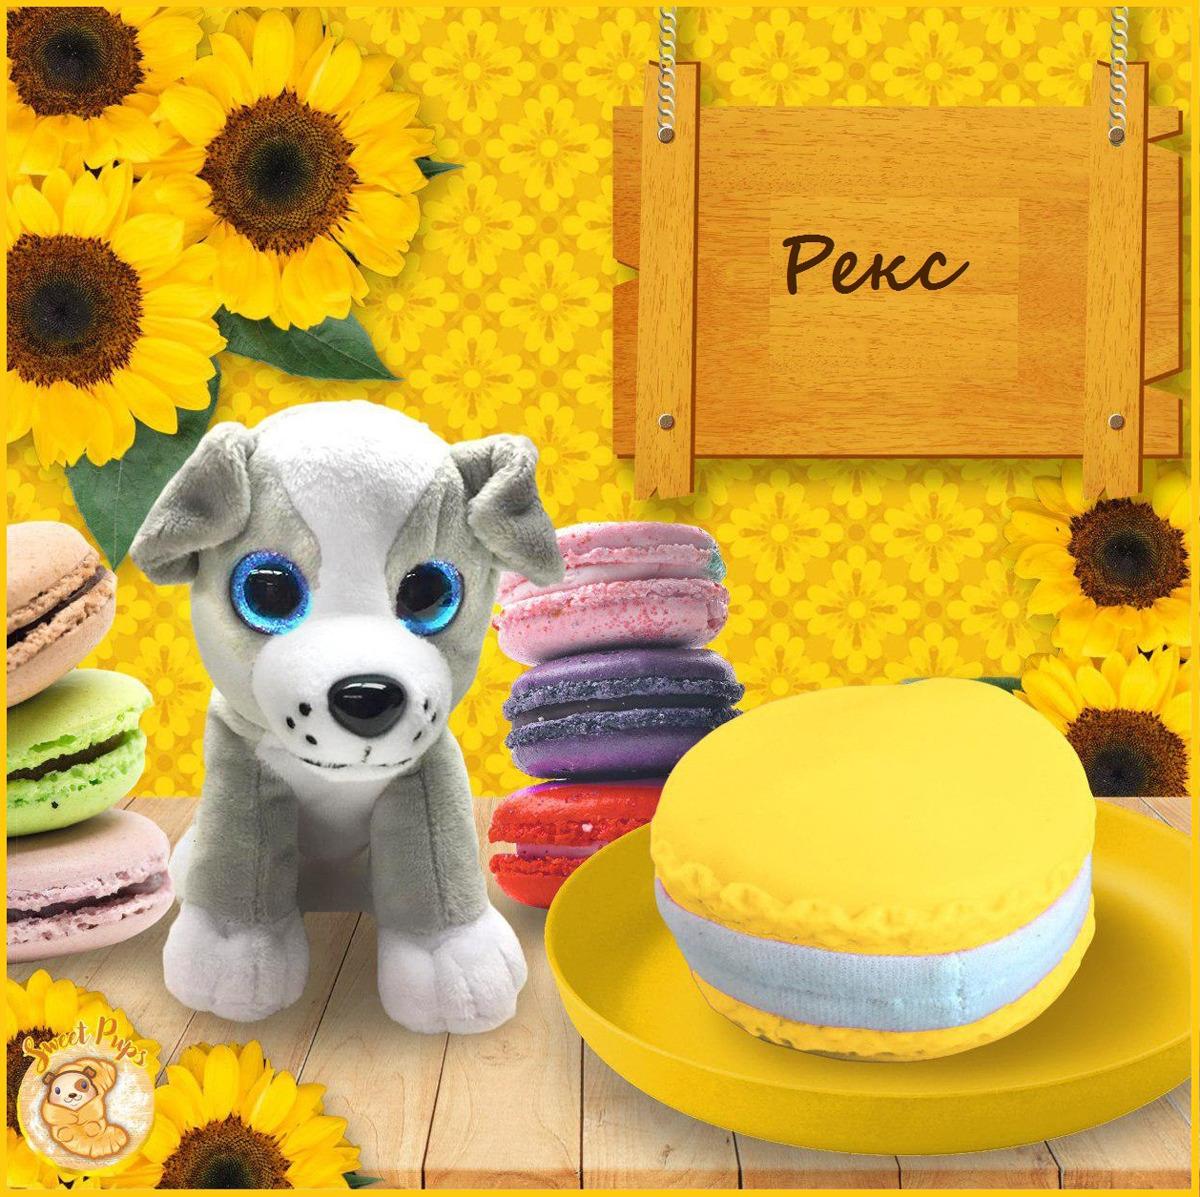 Трансформер Sweet Pups Рекс, 1610032 украшения женский портал pups market ru